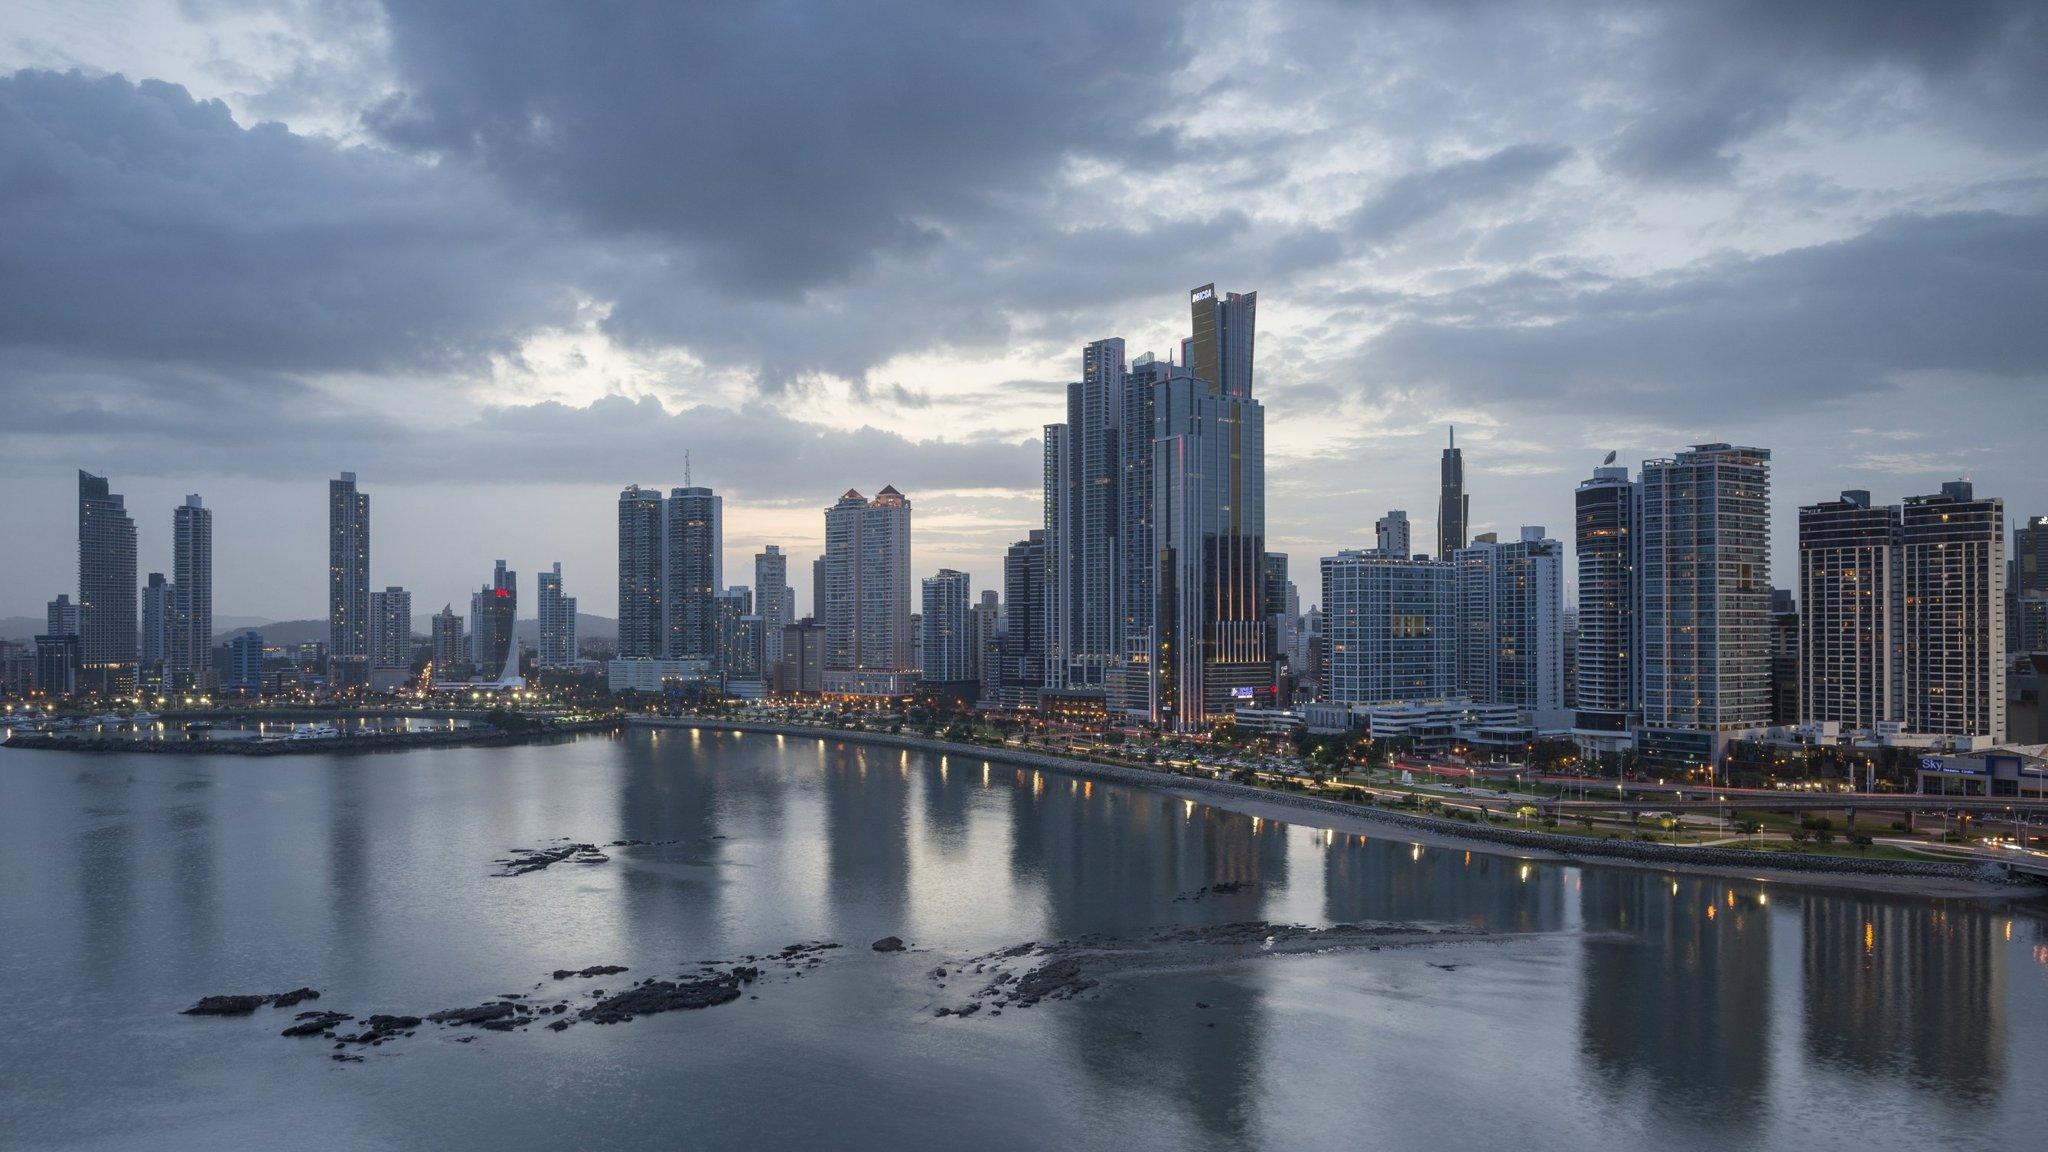 Panama Papers Aftershocks